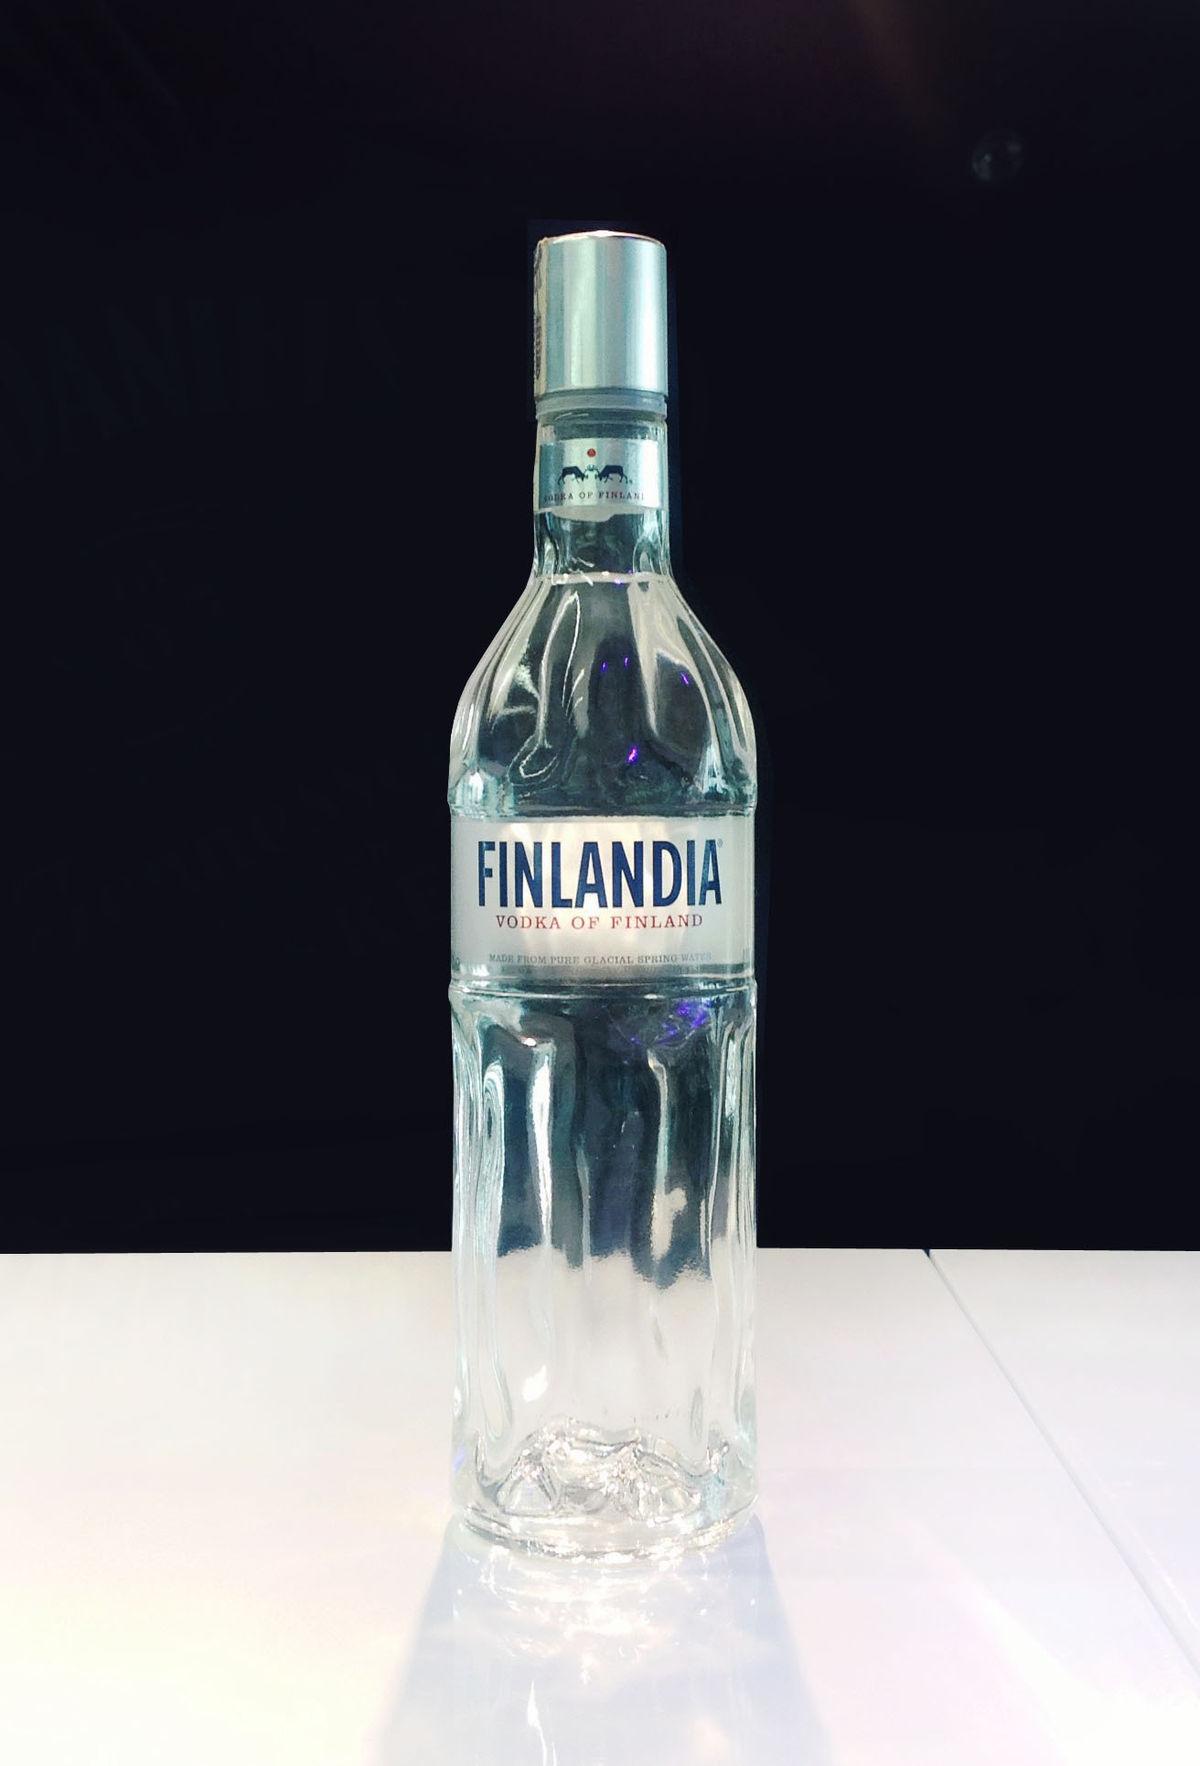 Прикольные картинки с водкой финляндия